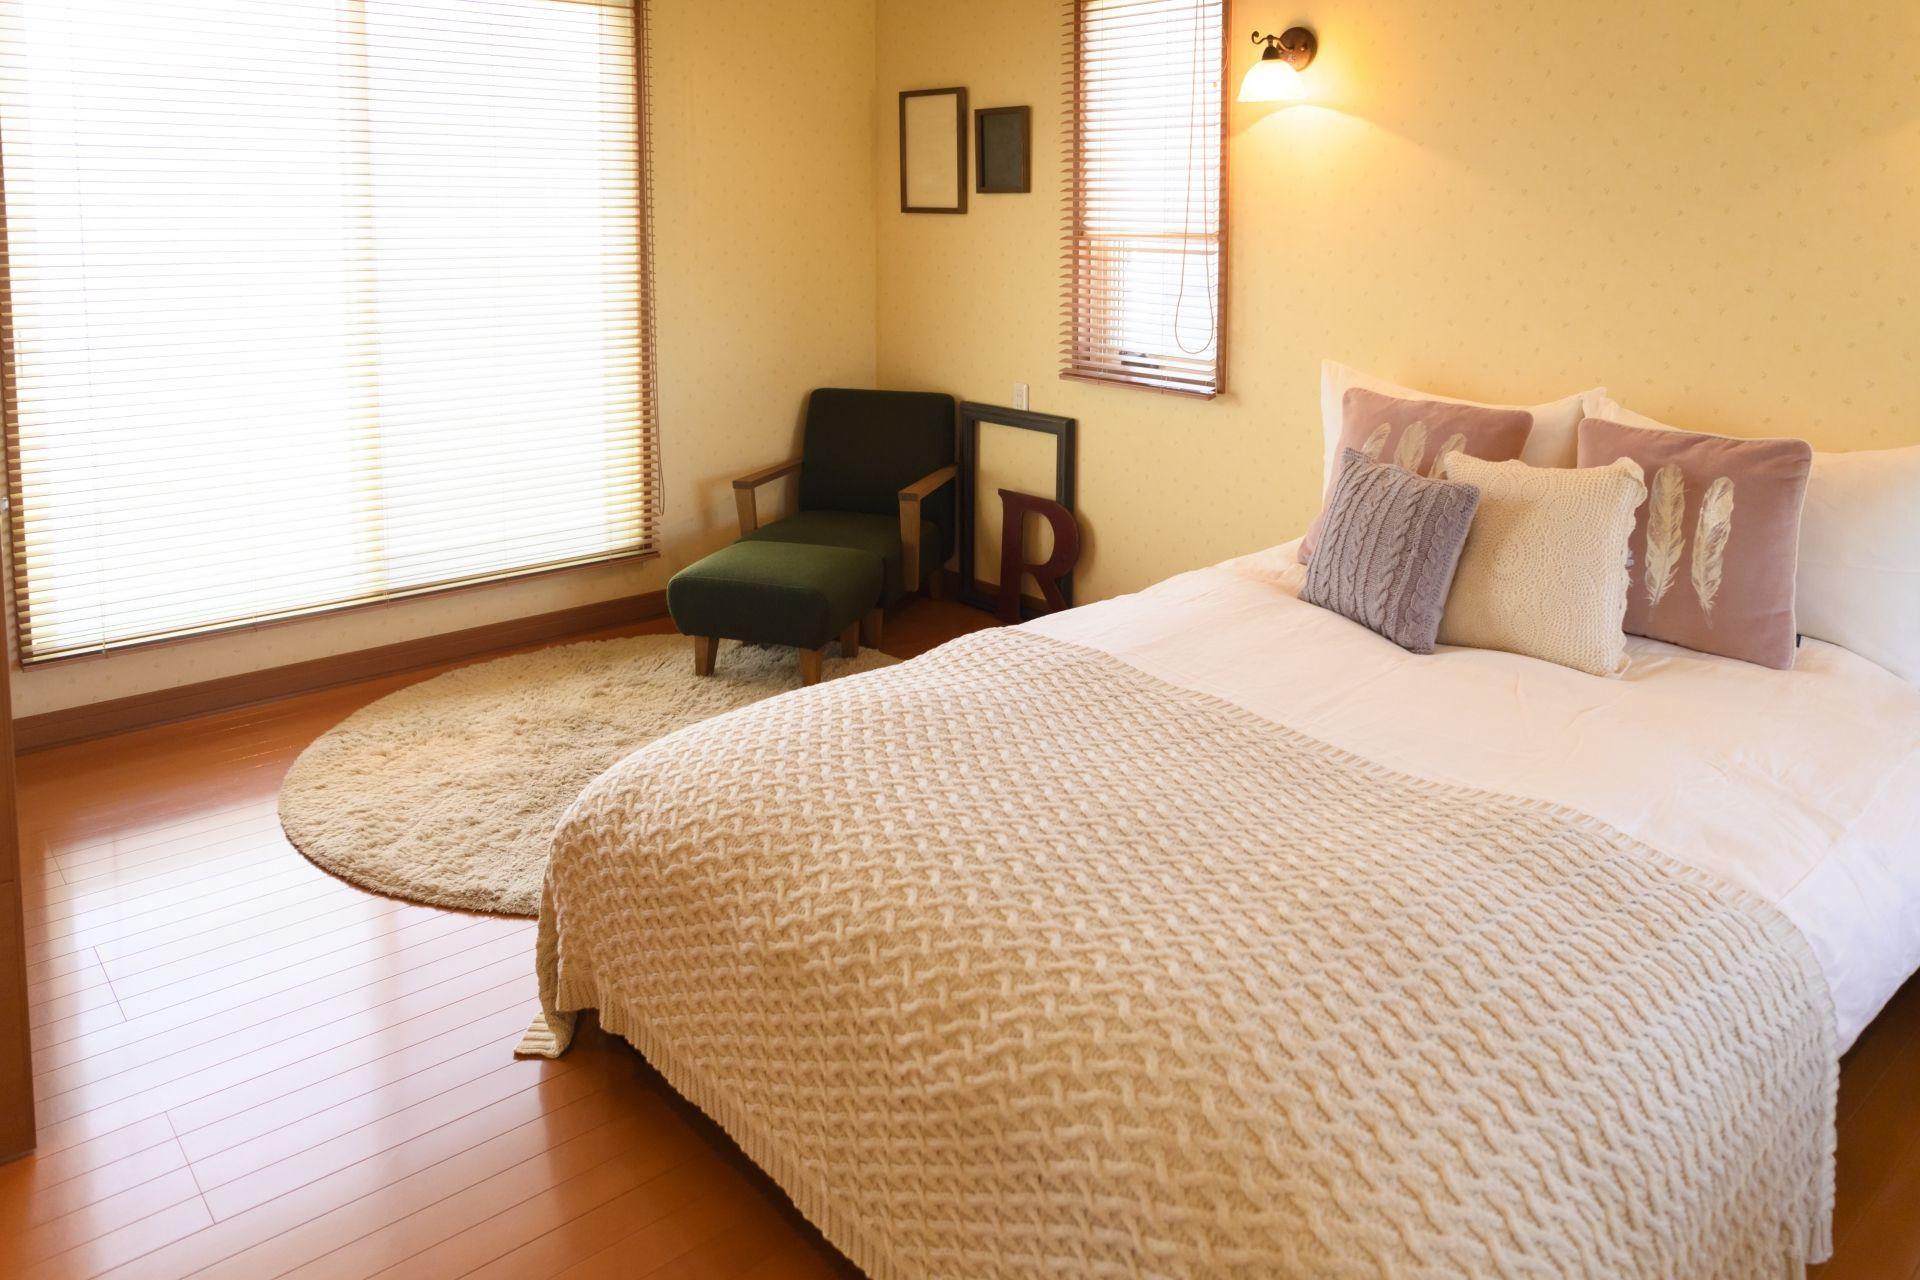 リノベ時に考えたい寝室の向きの最適解